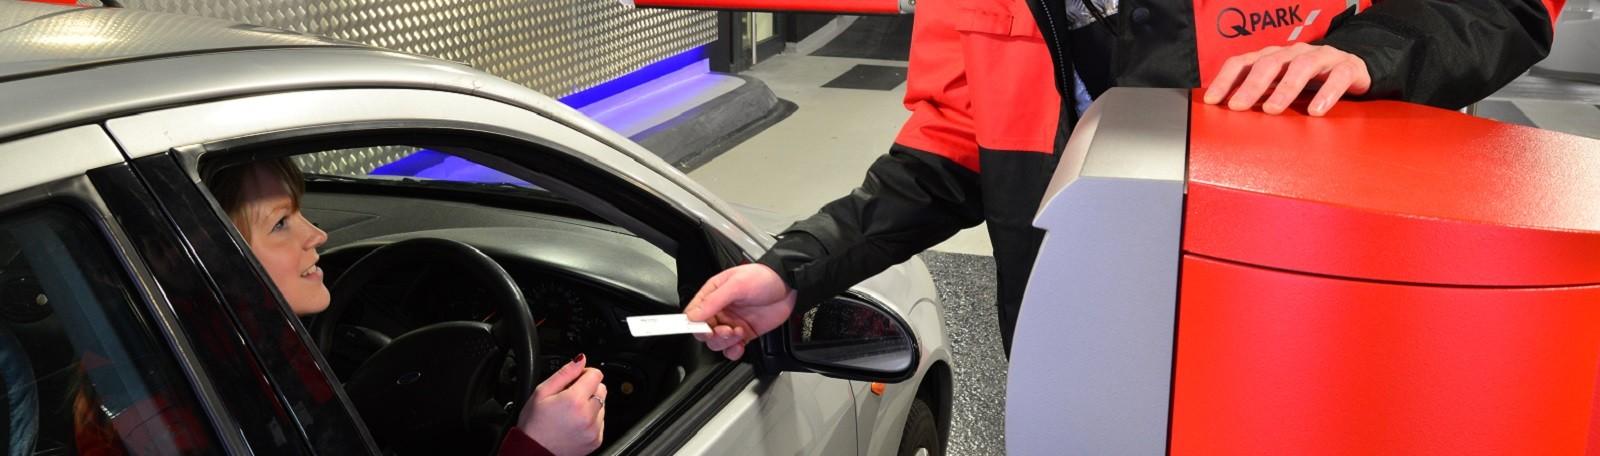 Parkeer meer dan 3 maand - Reserveer uw parkeerplaats | Q-Park